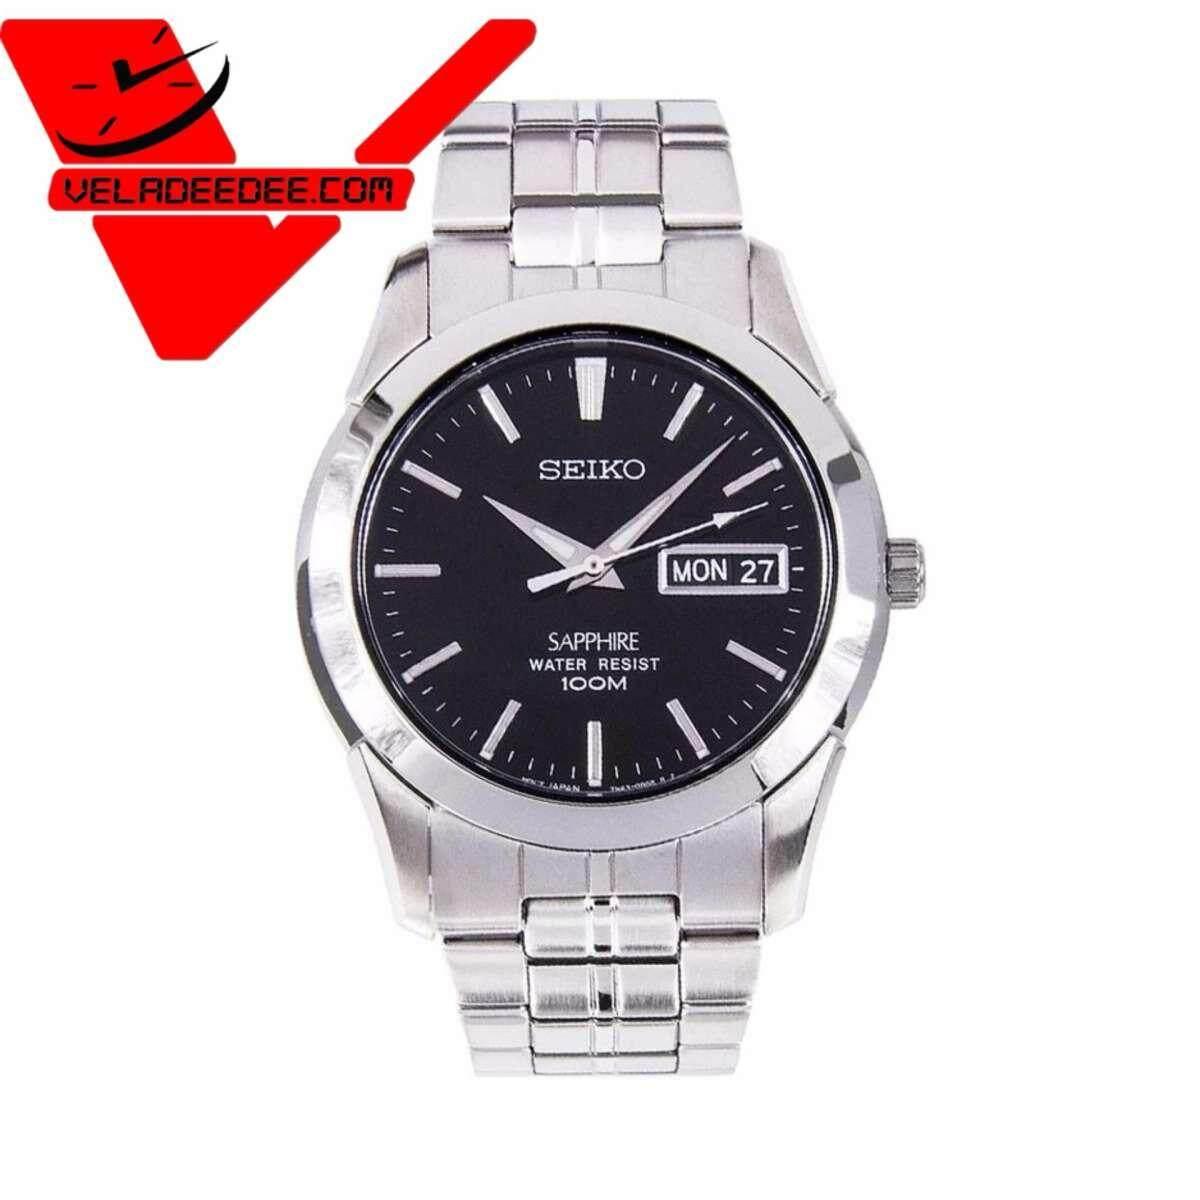 ขอนแก่น Veladeedee นาฬิกา  Seiko Sapphire glass นาฬิกาข้อมือ บอยไซด์ ใส่ได้ทั้งชายและหญิง สายสแตนเลส รุ่น  SGG715P1 - Silver